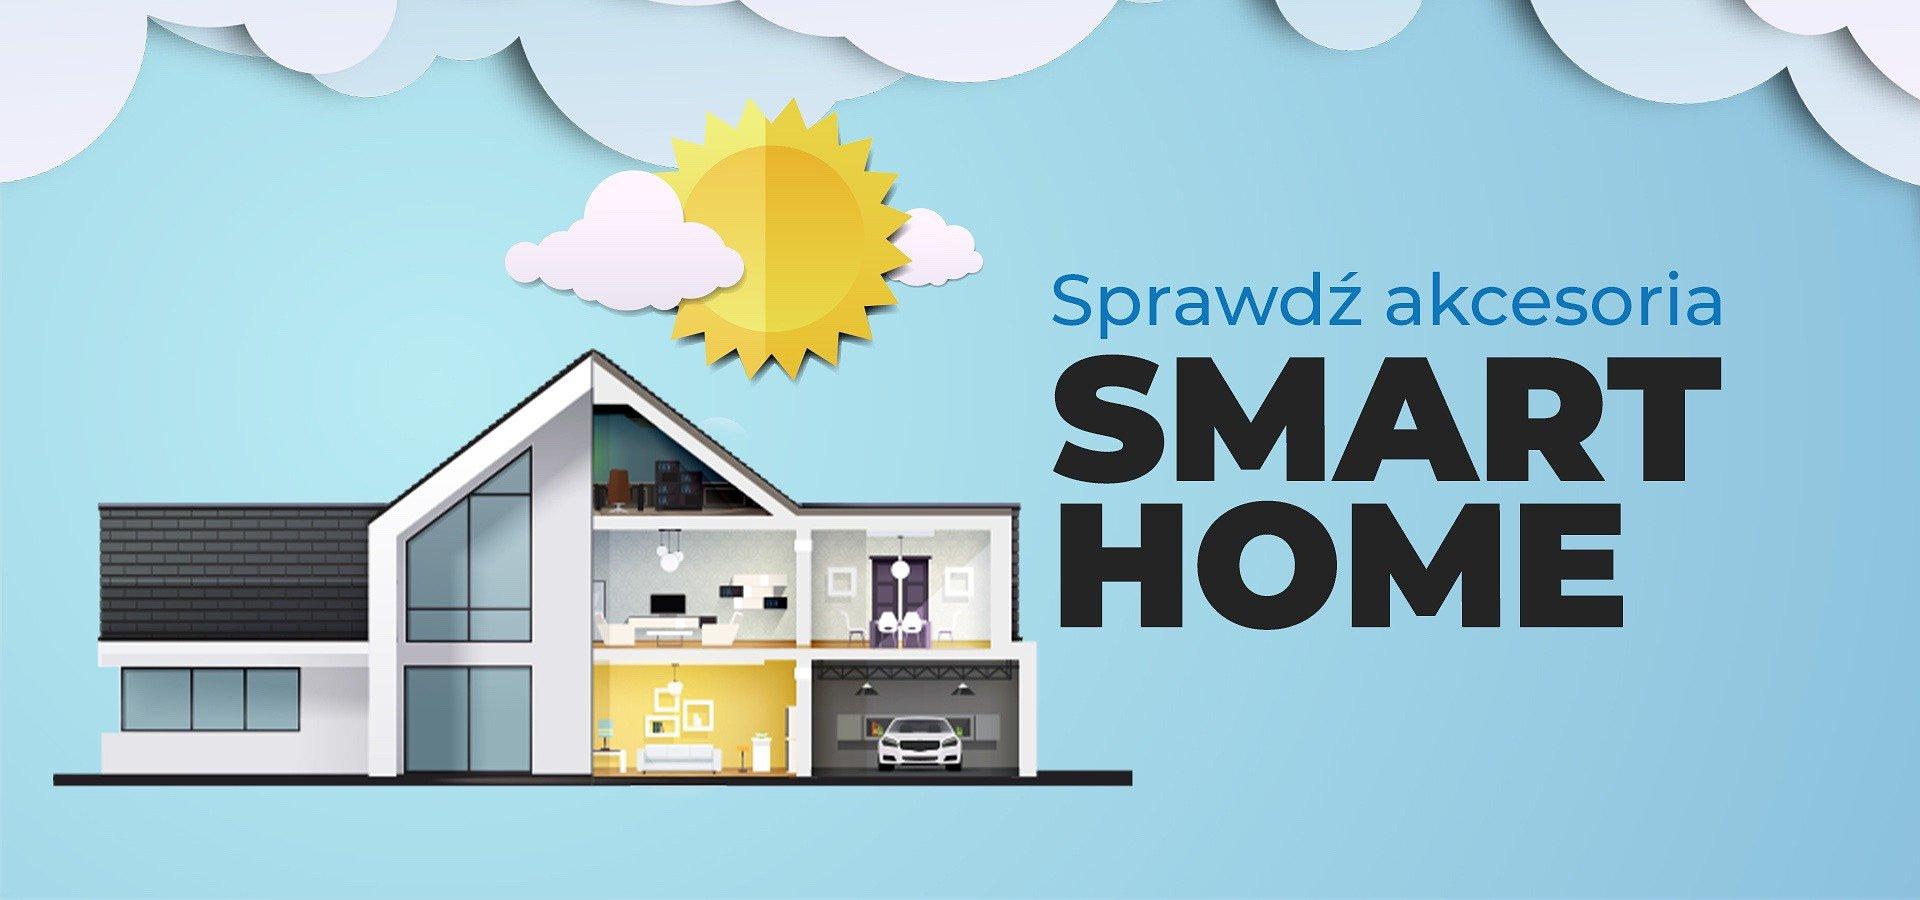 Polacy decydują się na smart home. Dom przyszłości w rozsądnej cenie